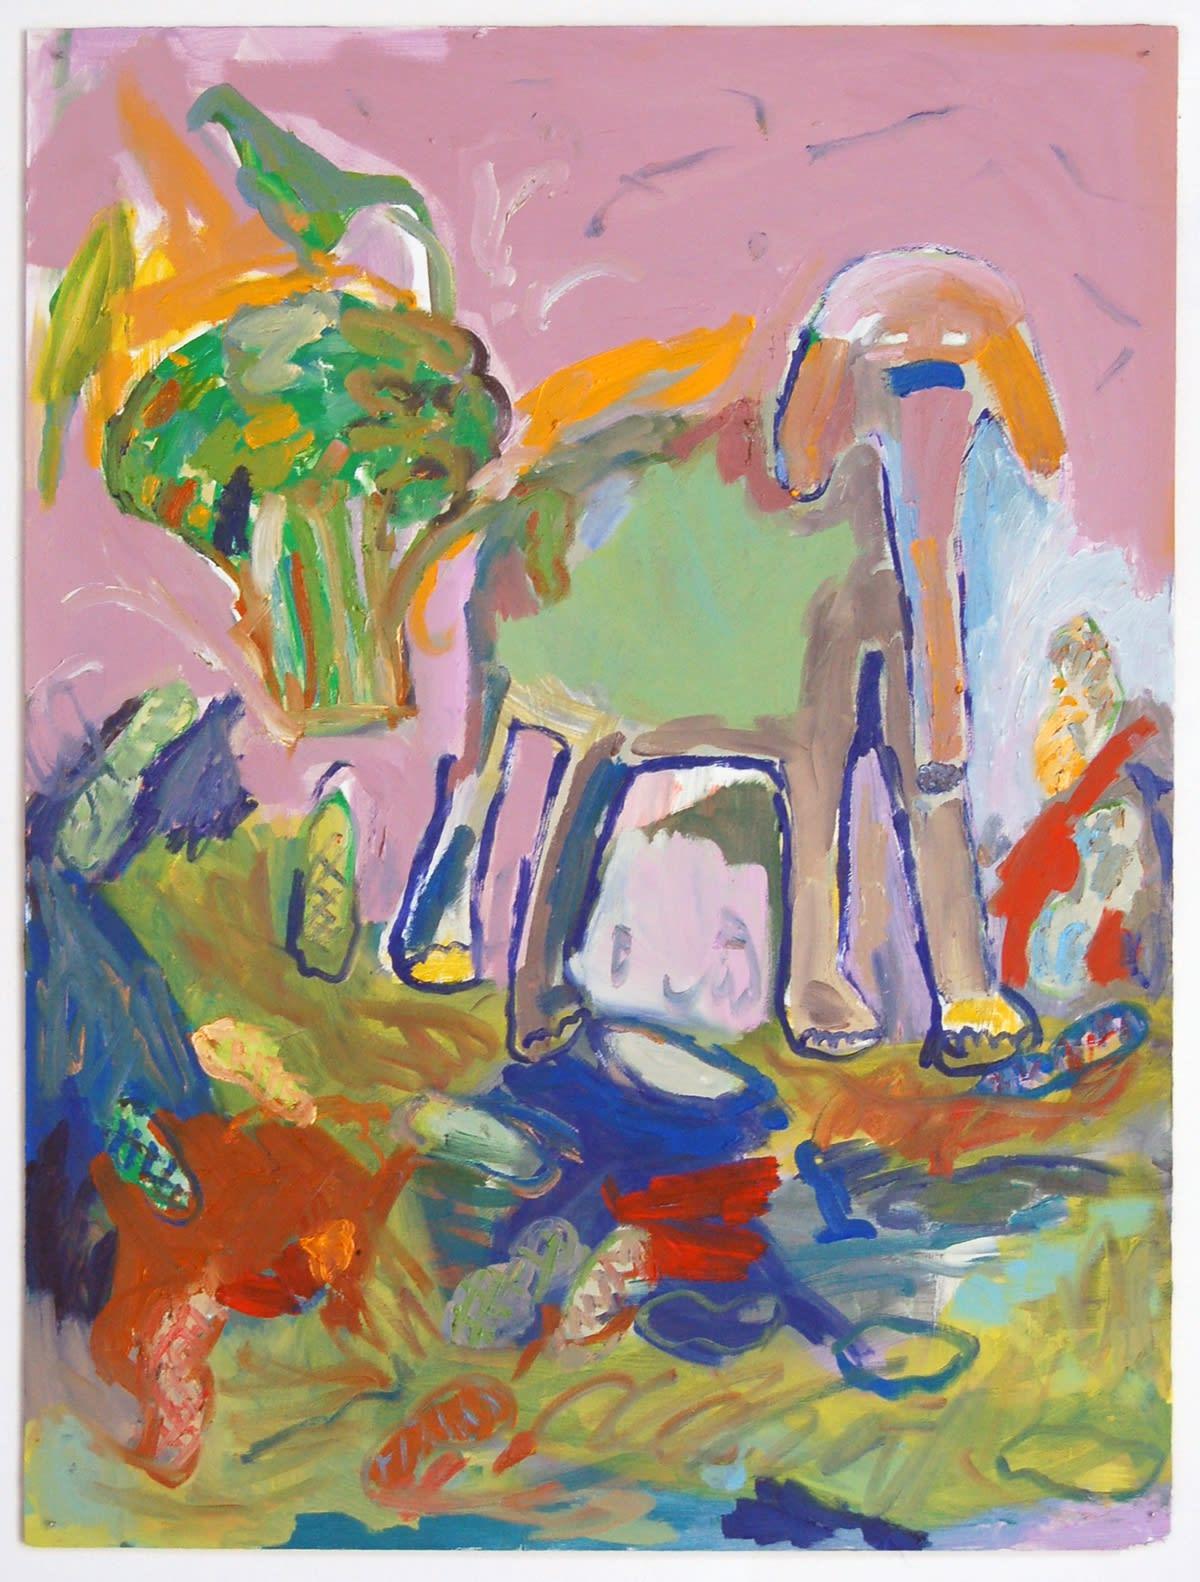 Adrianne Rubenstein, Soliloquy, 2015 oil on panel, 32 x 23 in